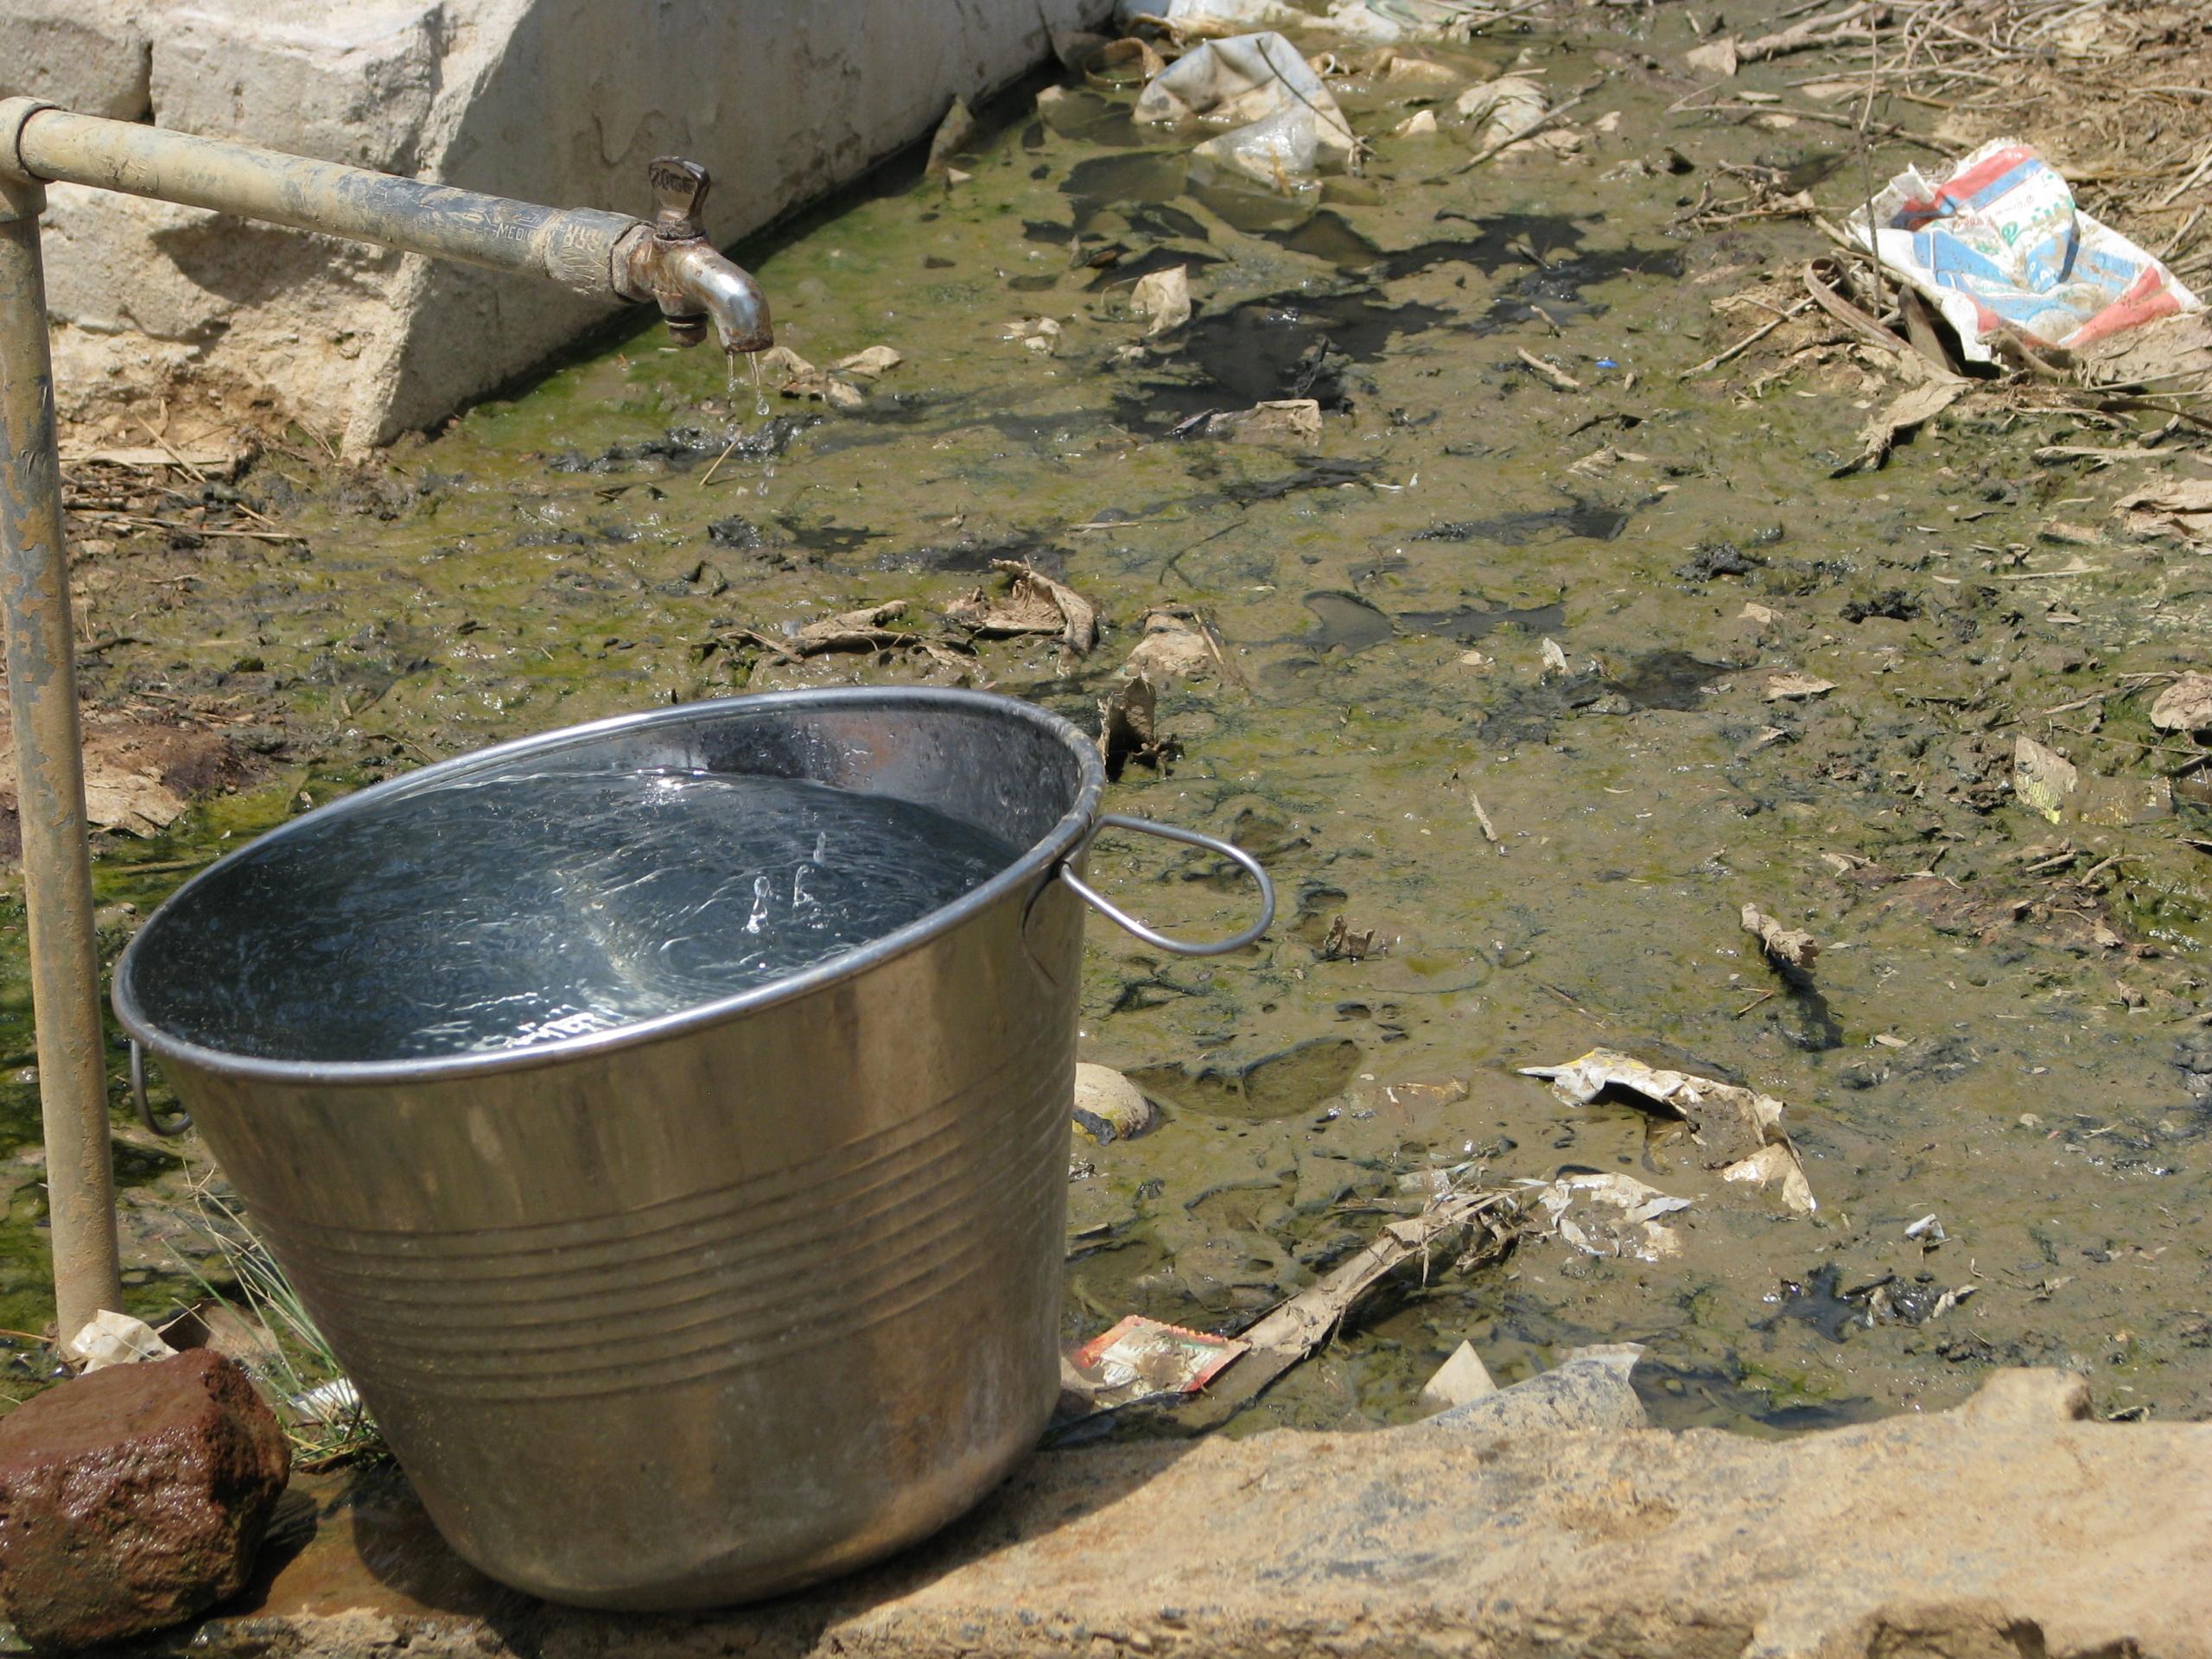 PFAS Contamination